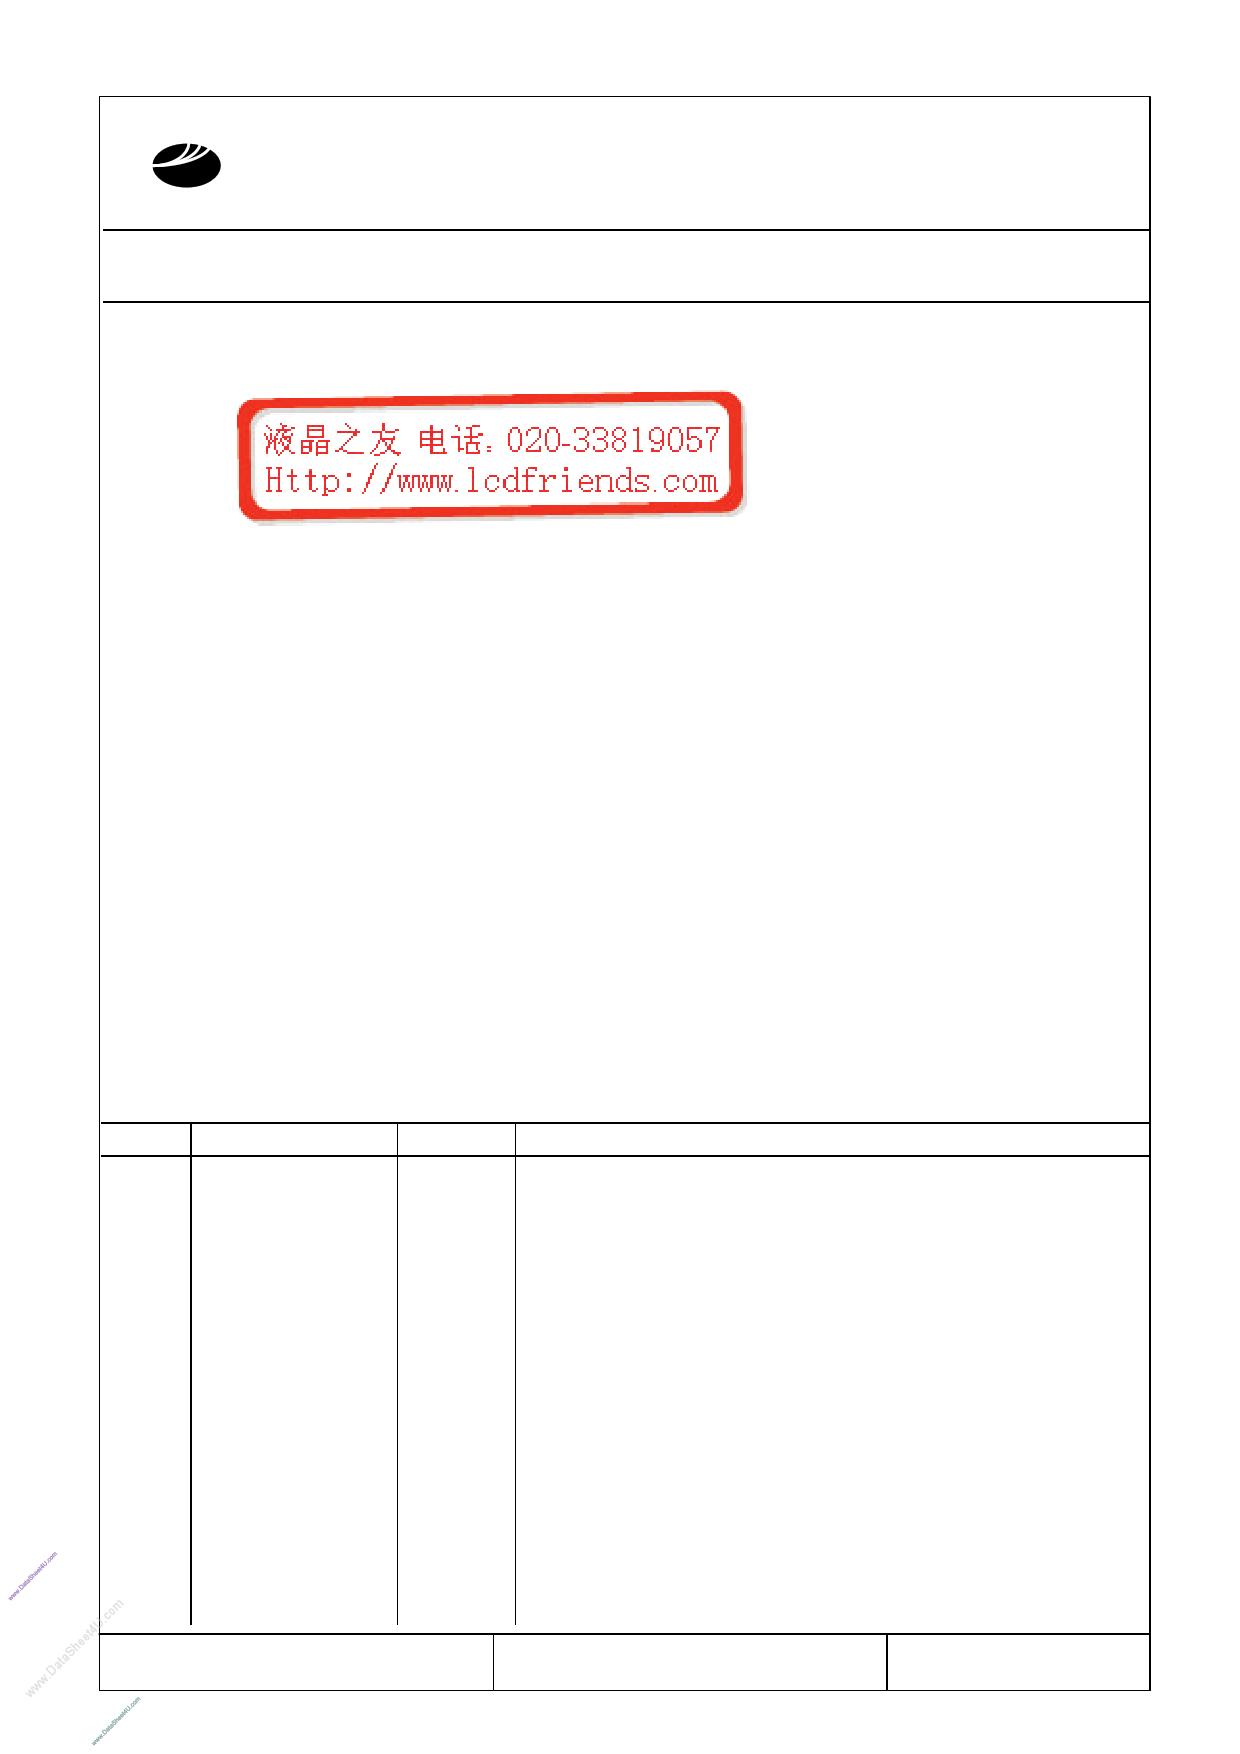 T-51382D064-FW-P-AB دیتاشیت PDF